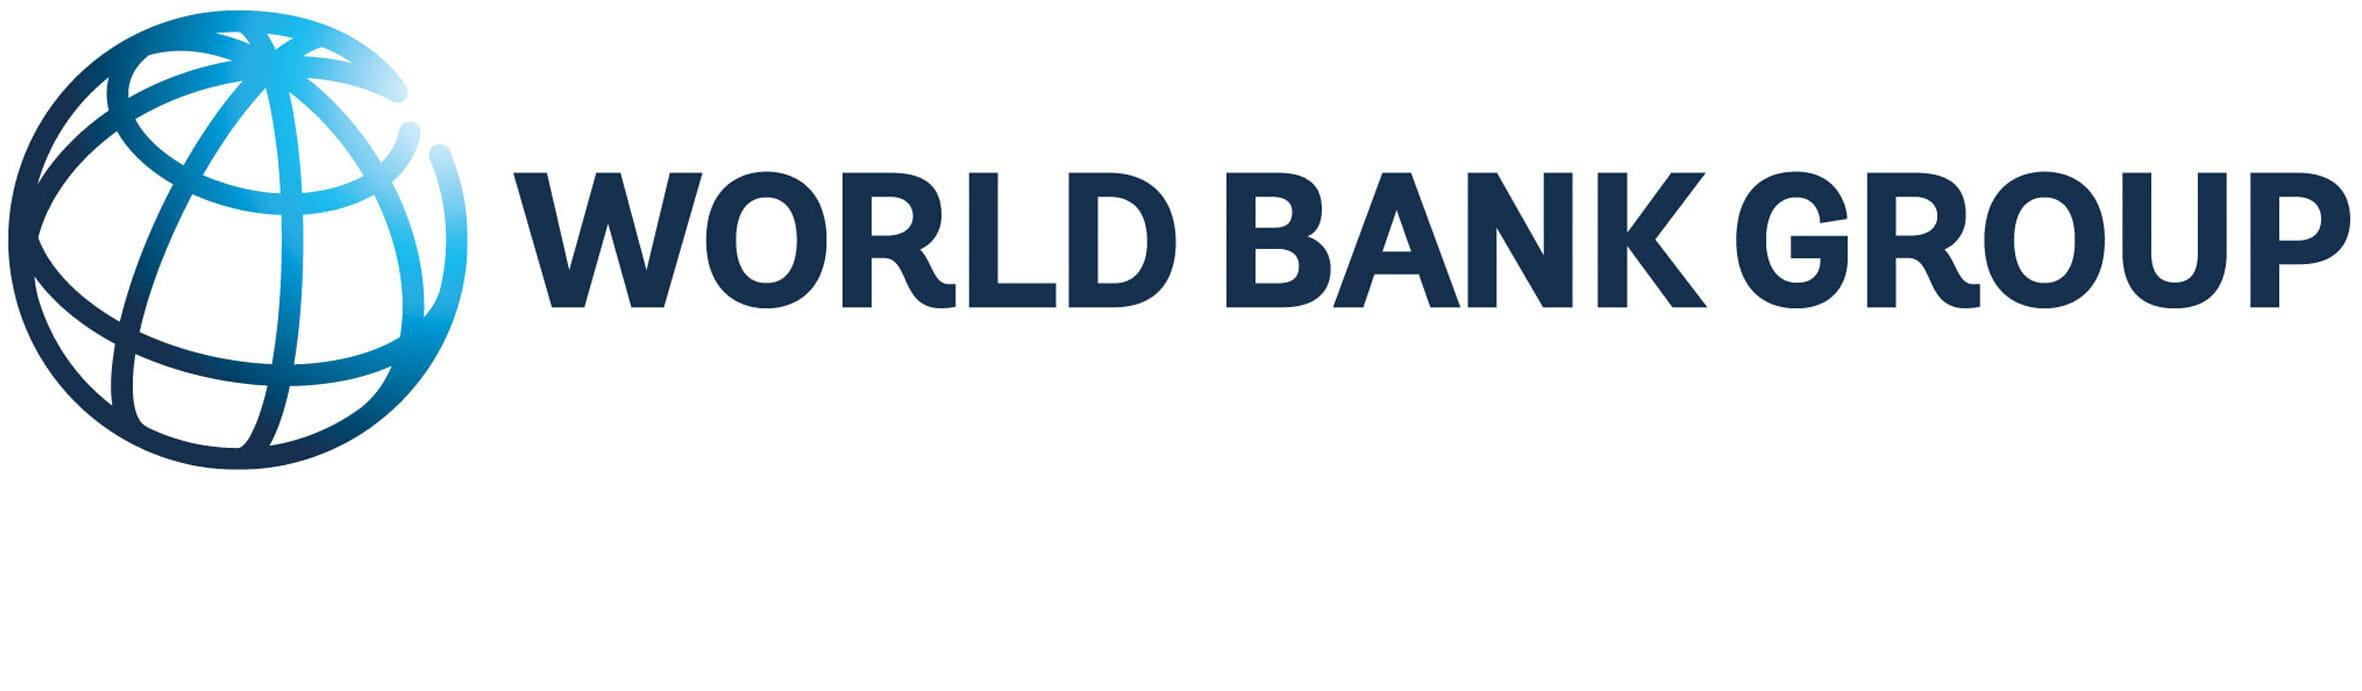 WBG-logo-NEW